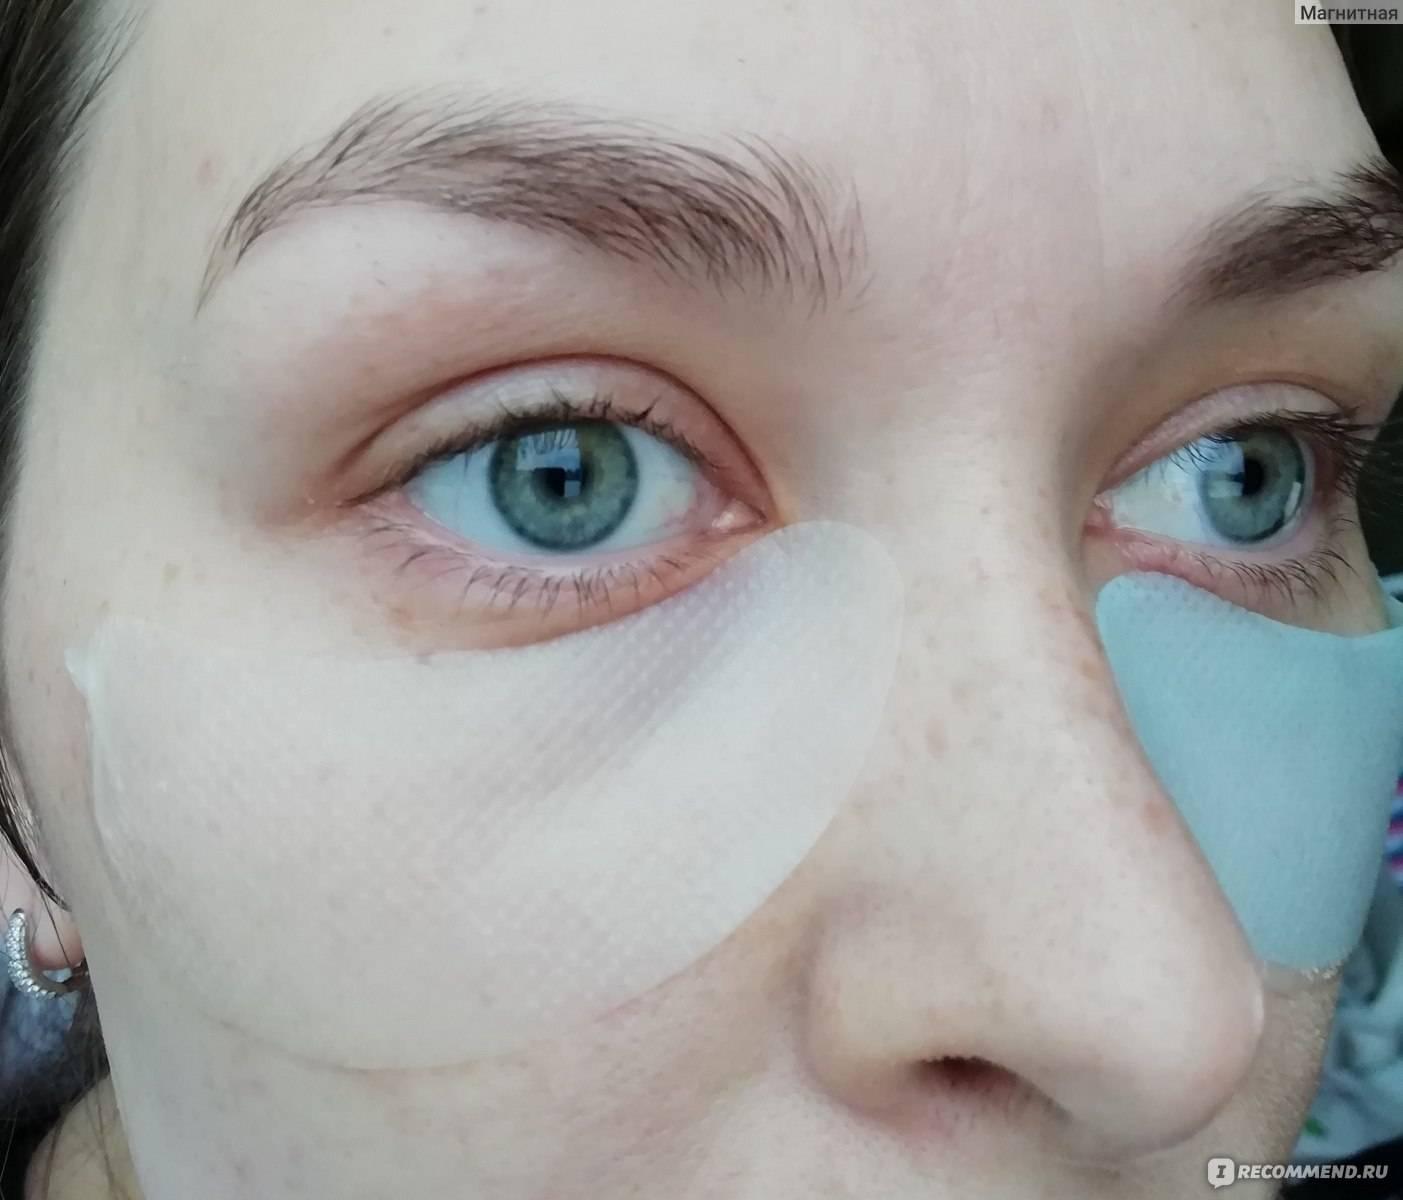 Картошка на глаза, картофельная маска от кругов и синяков: отзывы